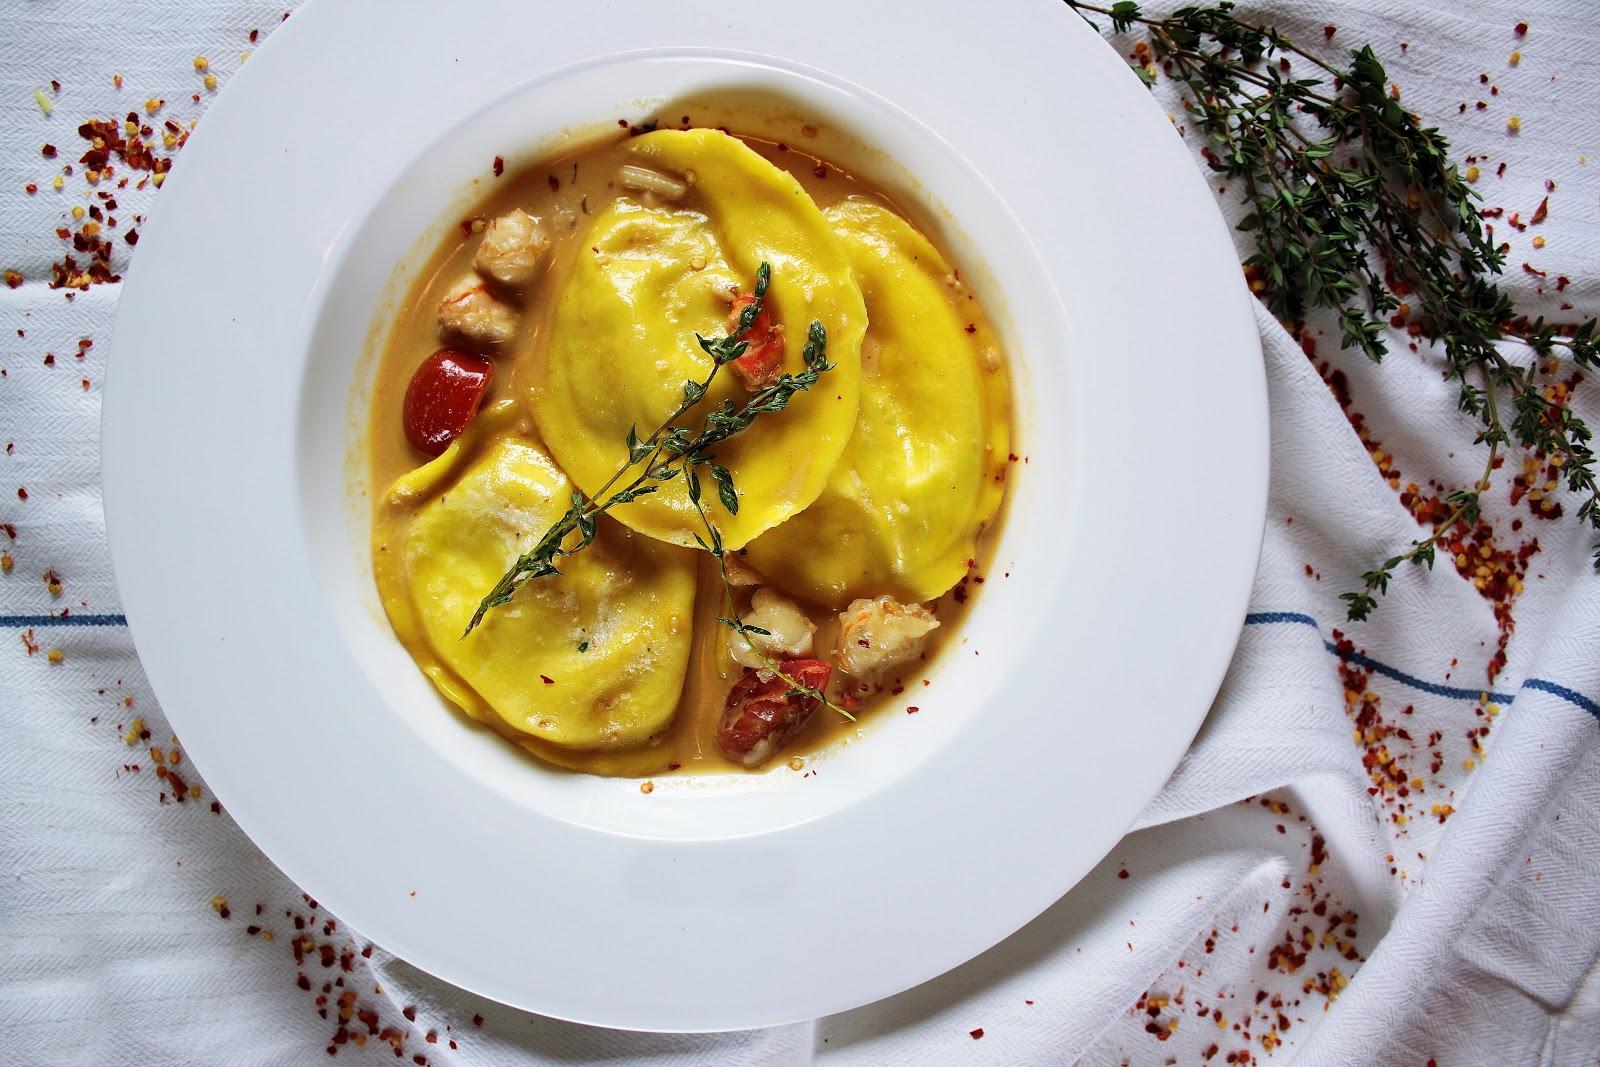 Culinaire stedentrip in Italië - verse ravioli